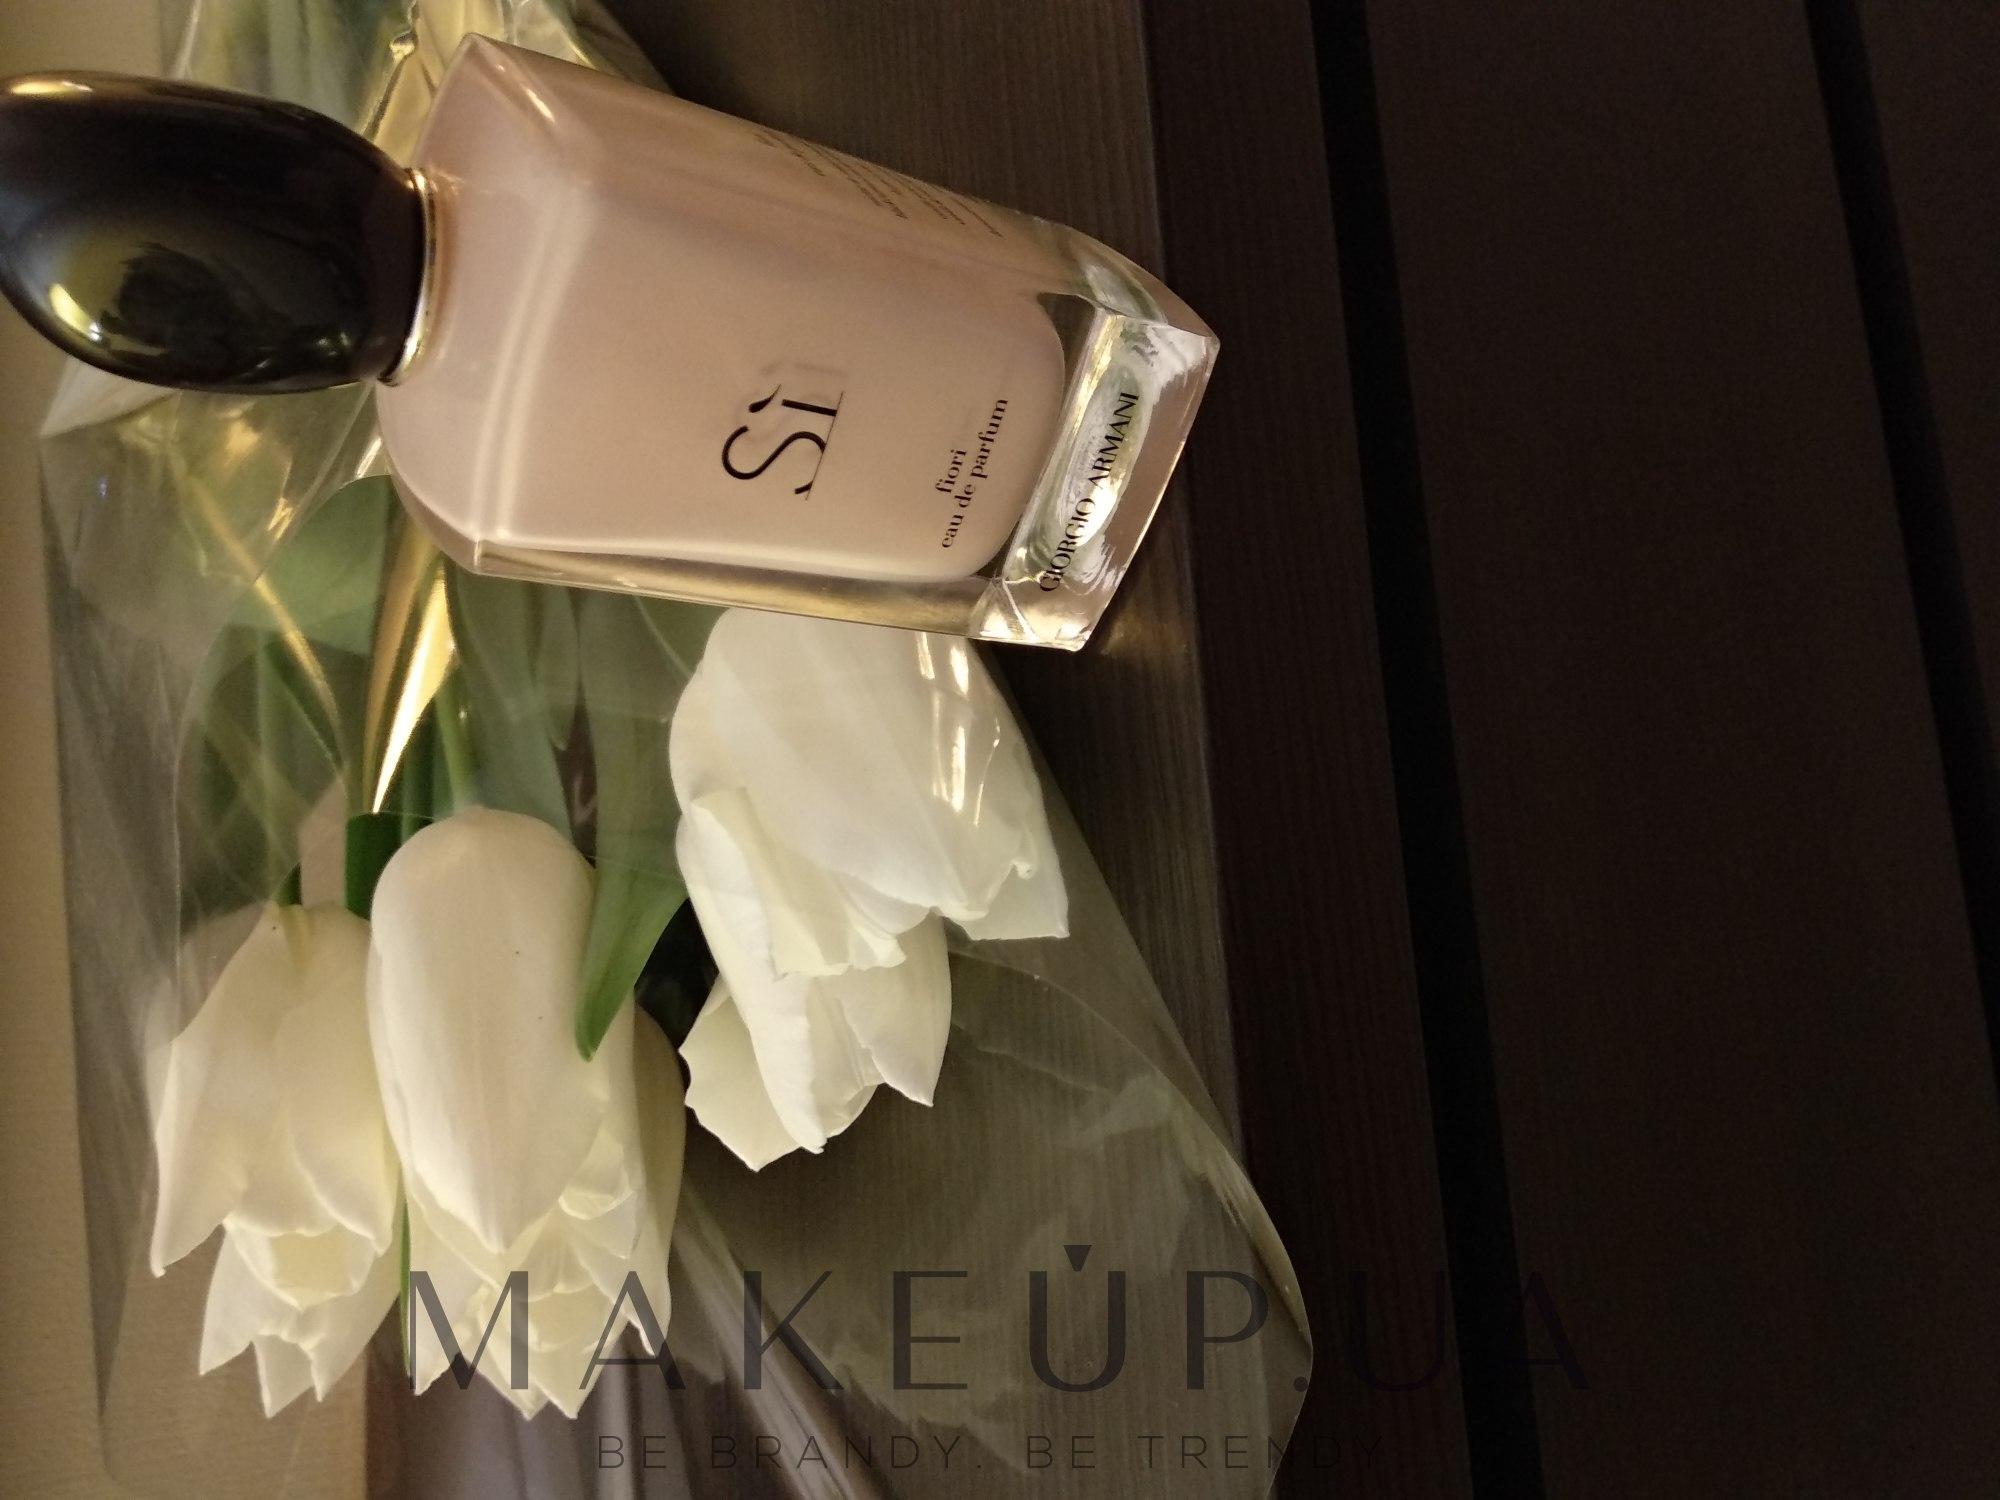 Makeup Giorgio Armani Si Fiori парфюмированная вода купить по